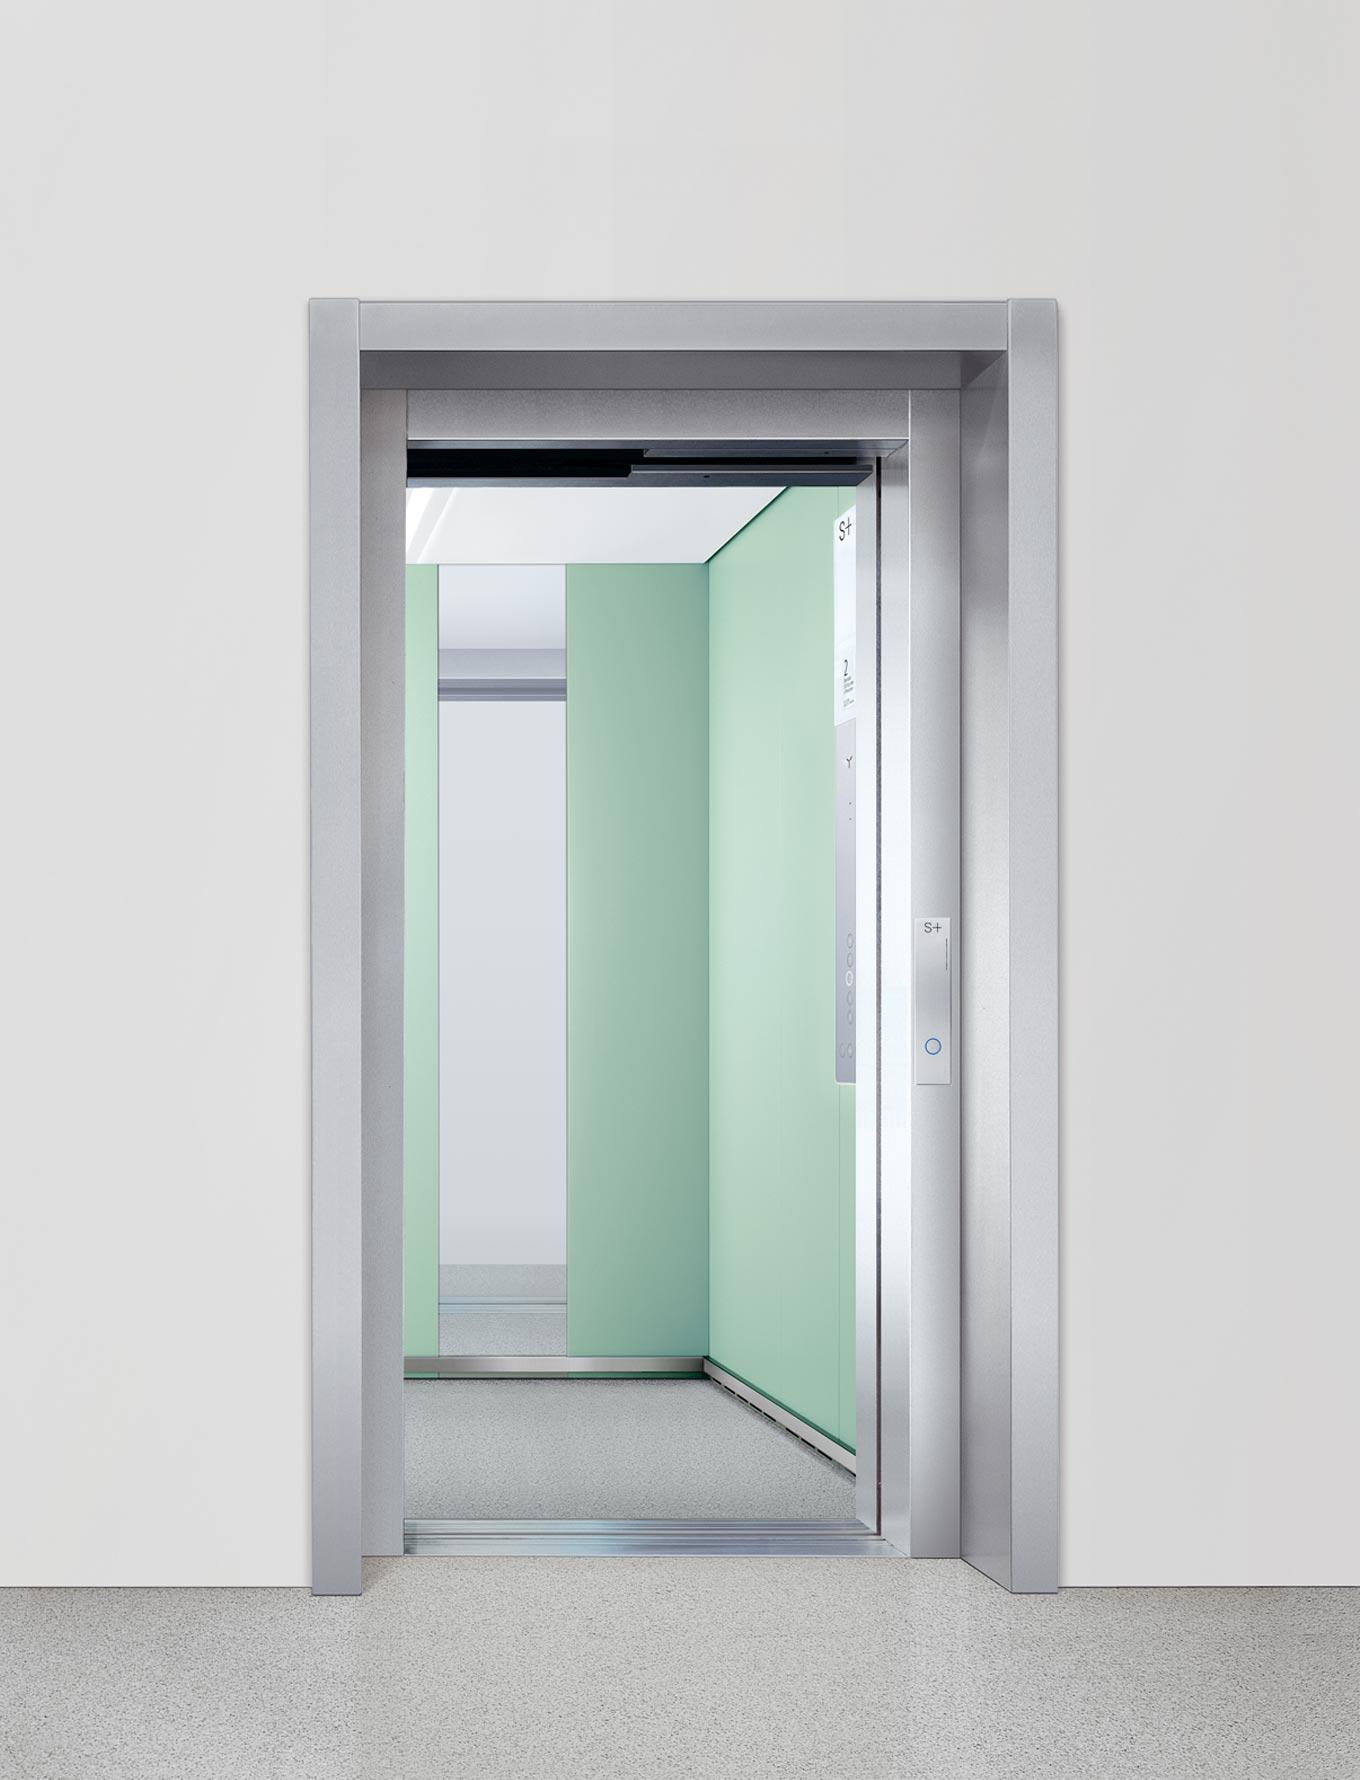 tp doors and portals schmitt sohn elevators. Black Bedroom Furniture Sets. Home Design Ideas